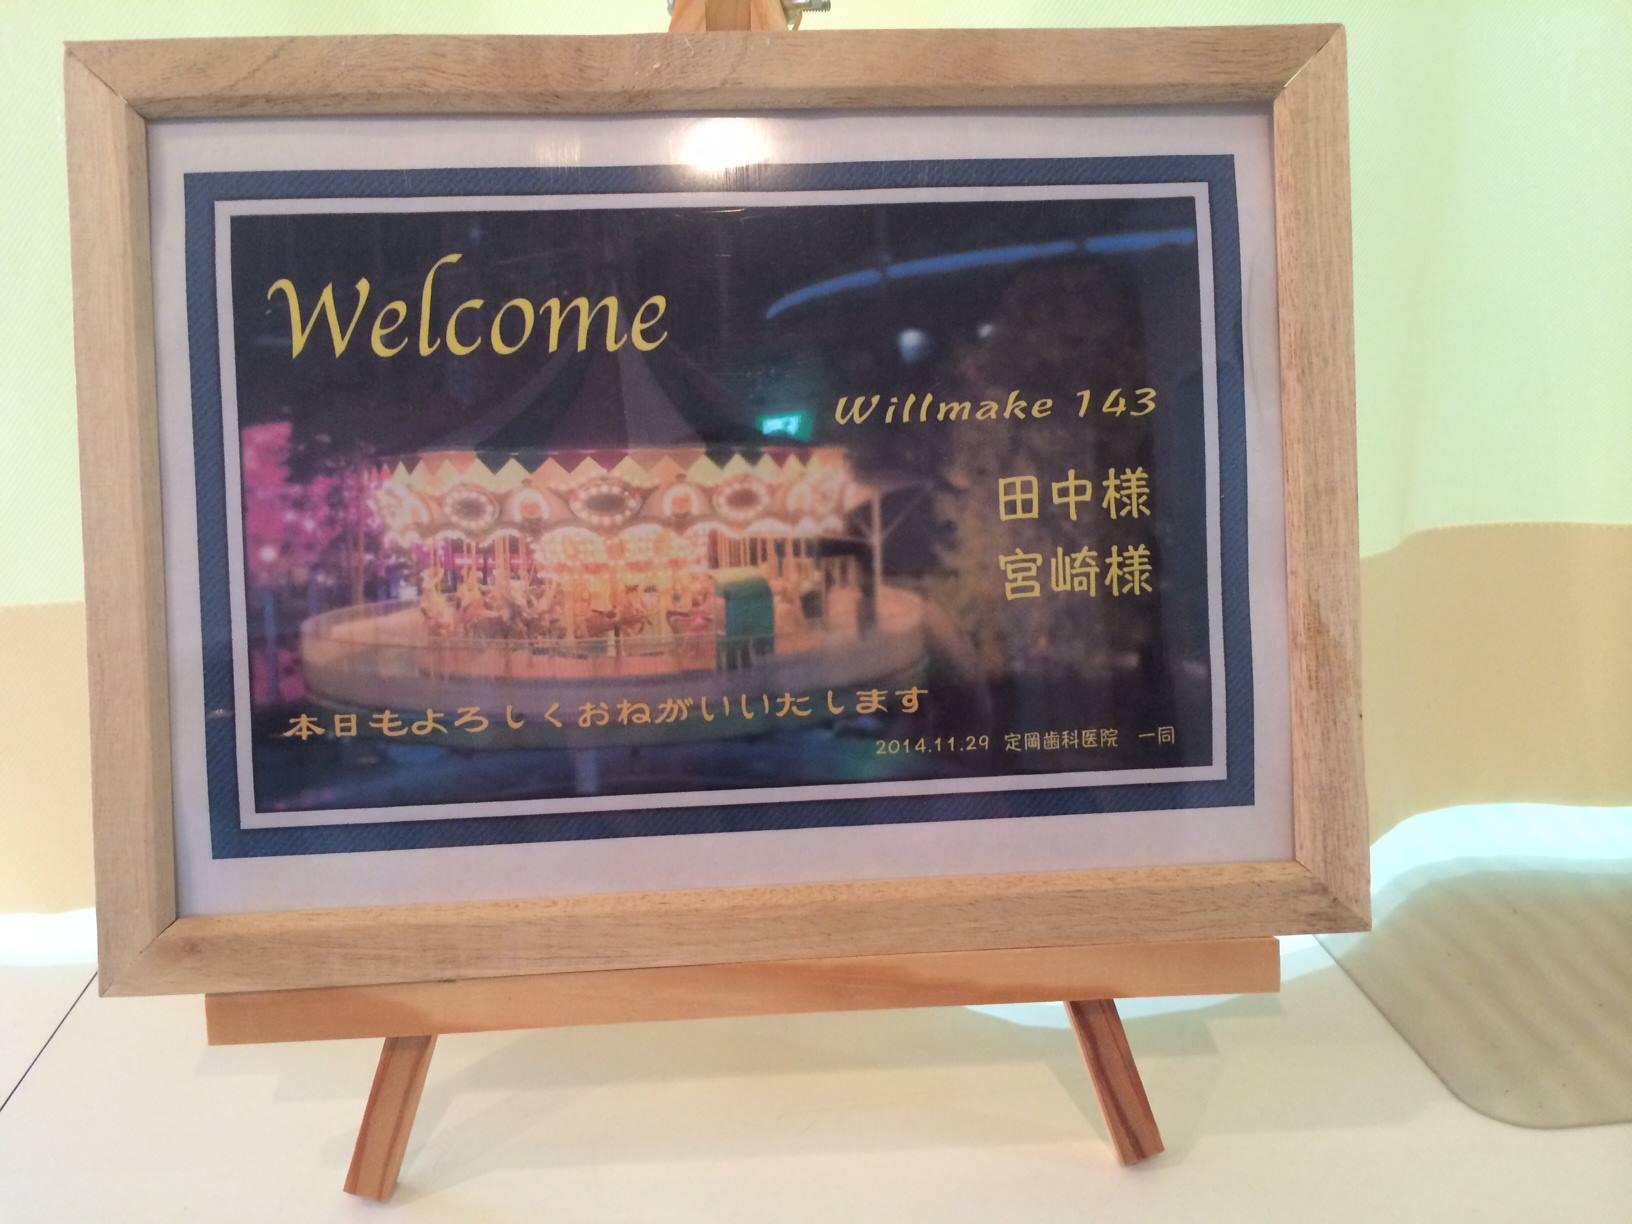 2014年11月29日 「出前オープンキャンパスin北海道」